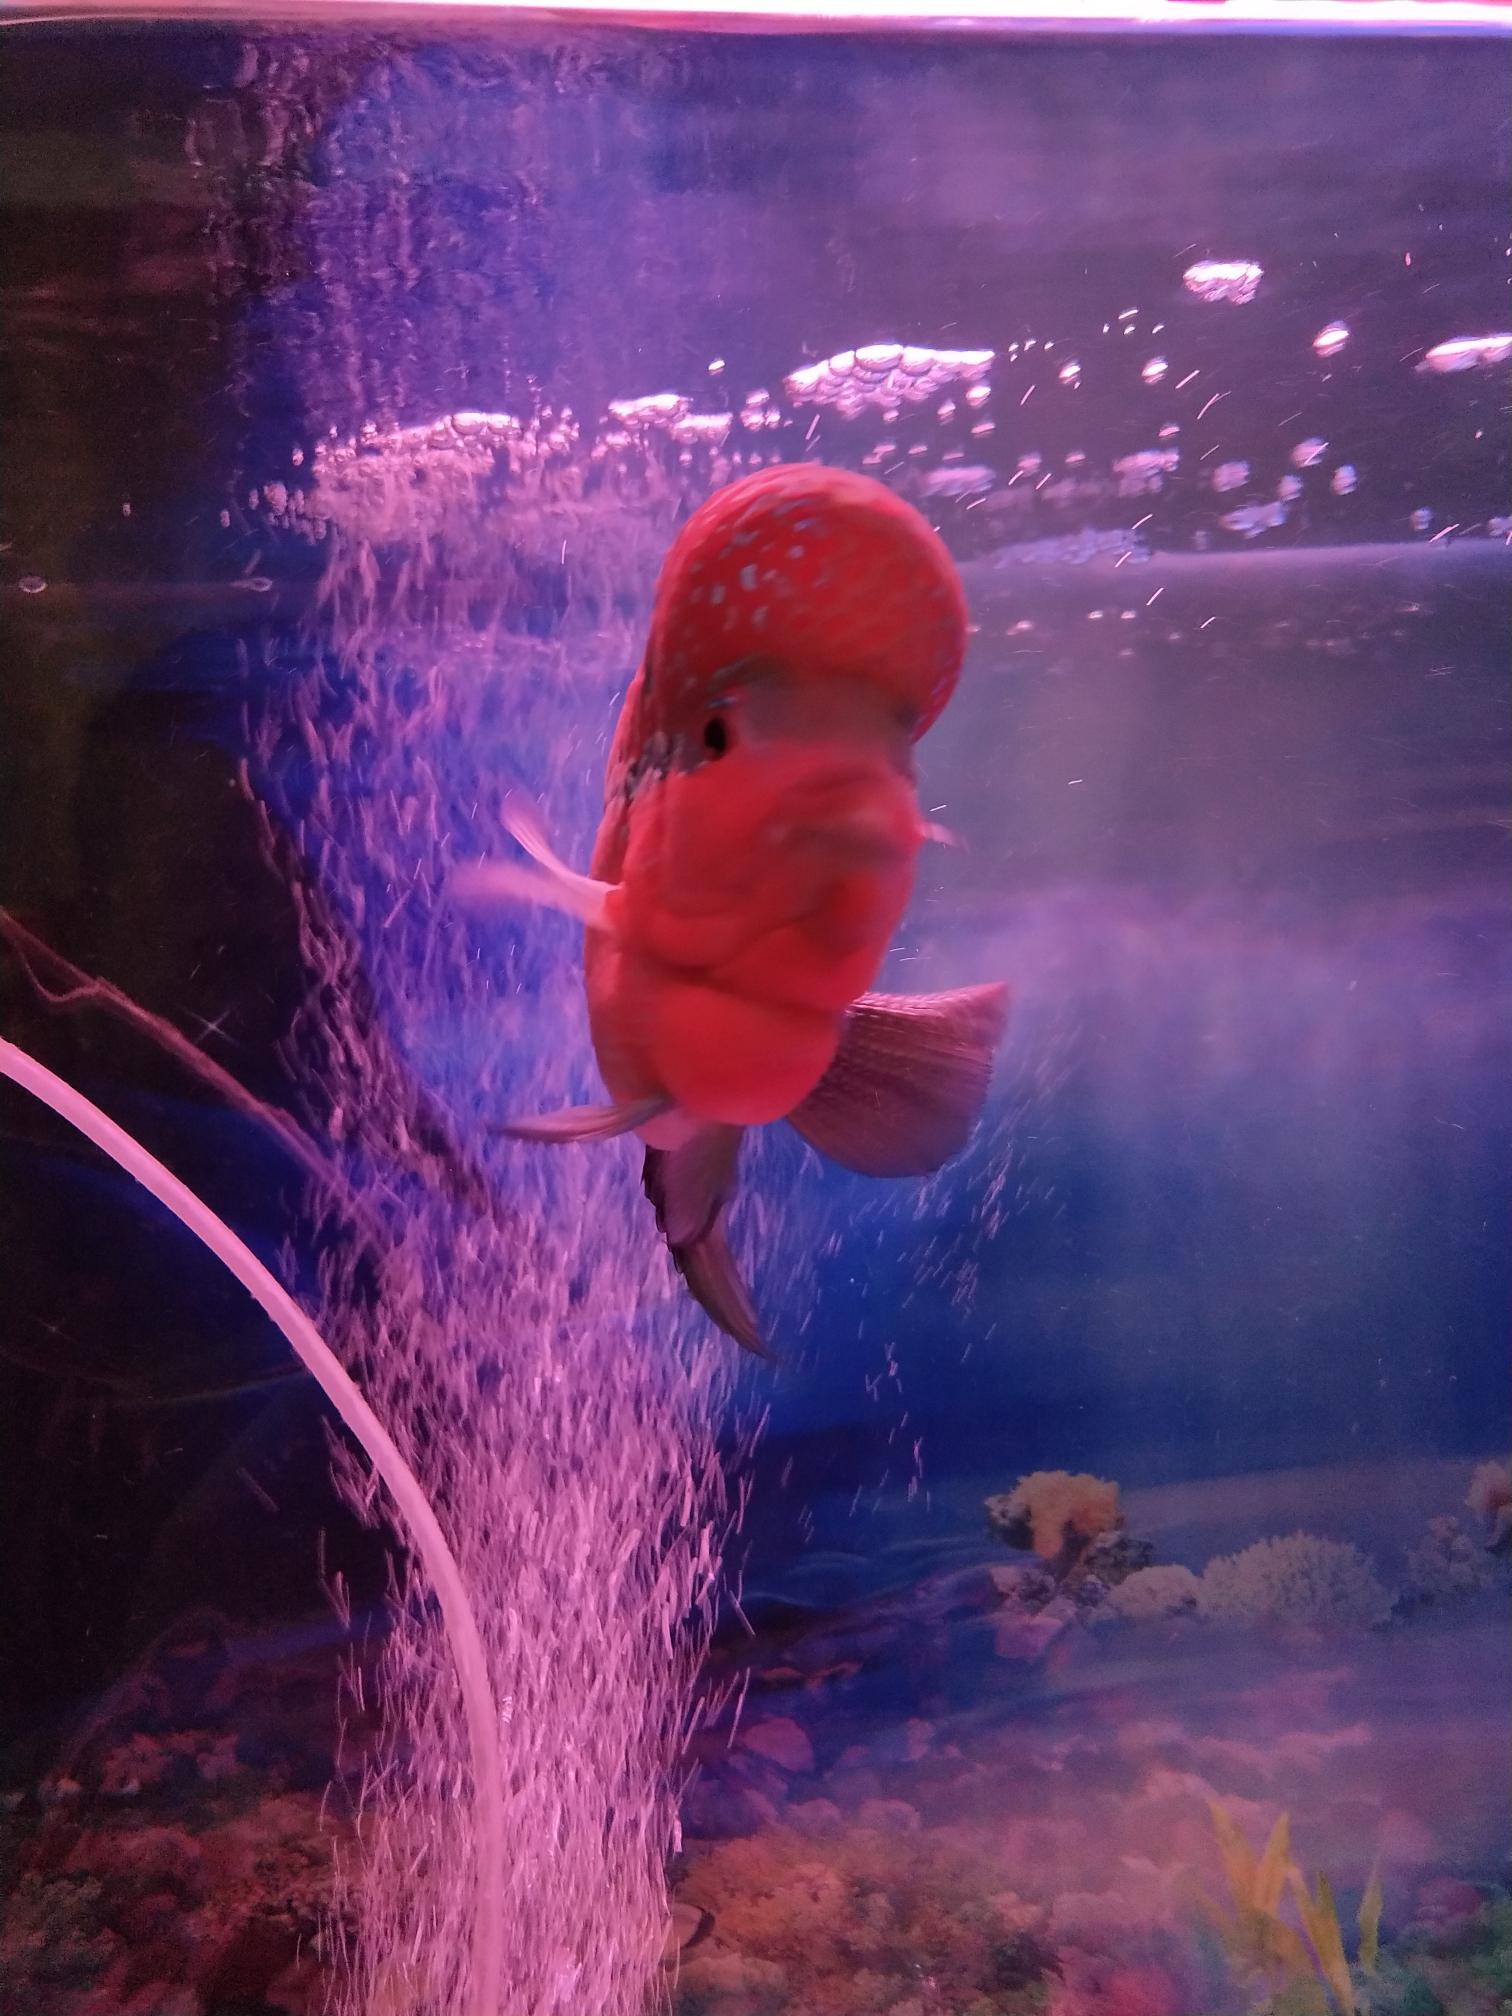 北京花鸟鱼市场照片和清晰度不一样?手机X20 北京龙鱼论坛 北京龙鱼第2张